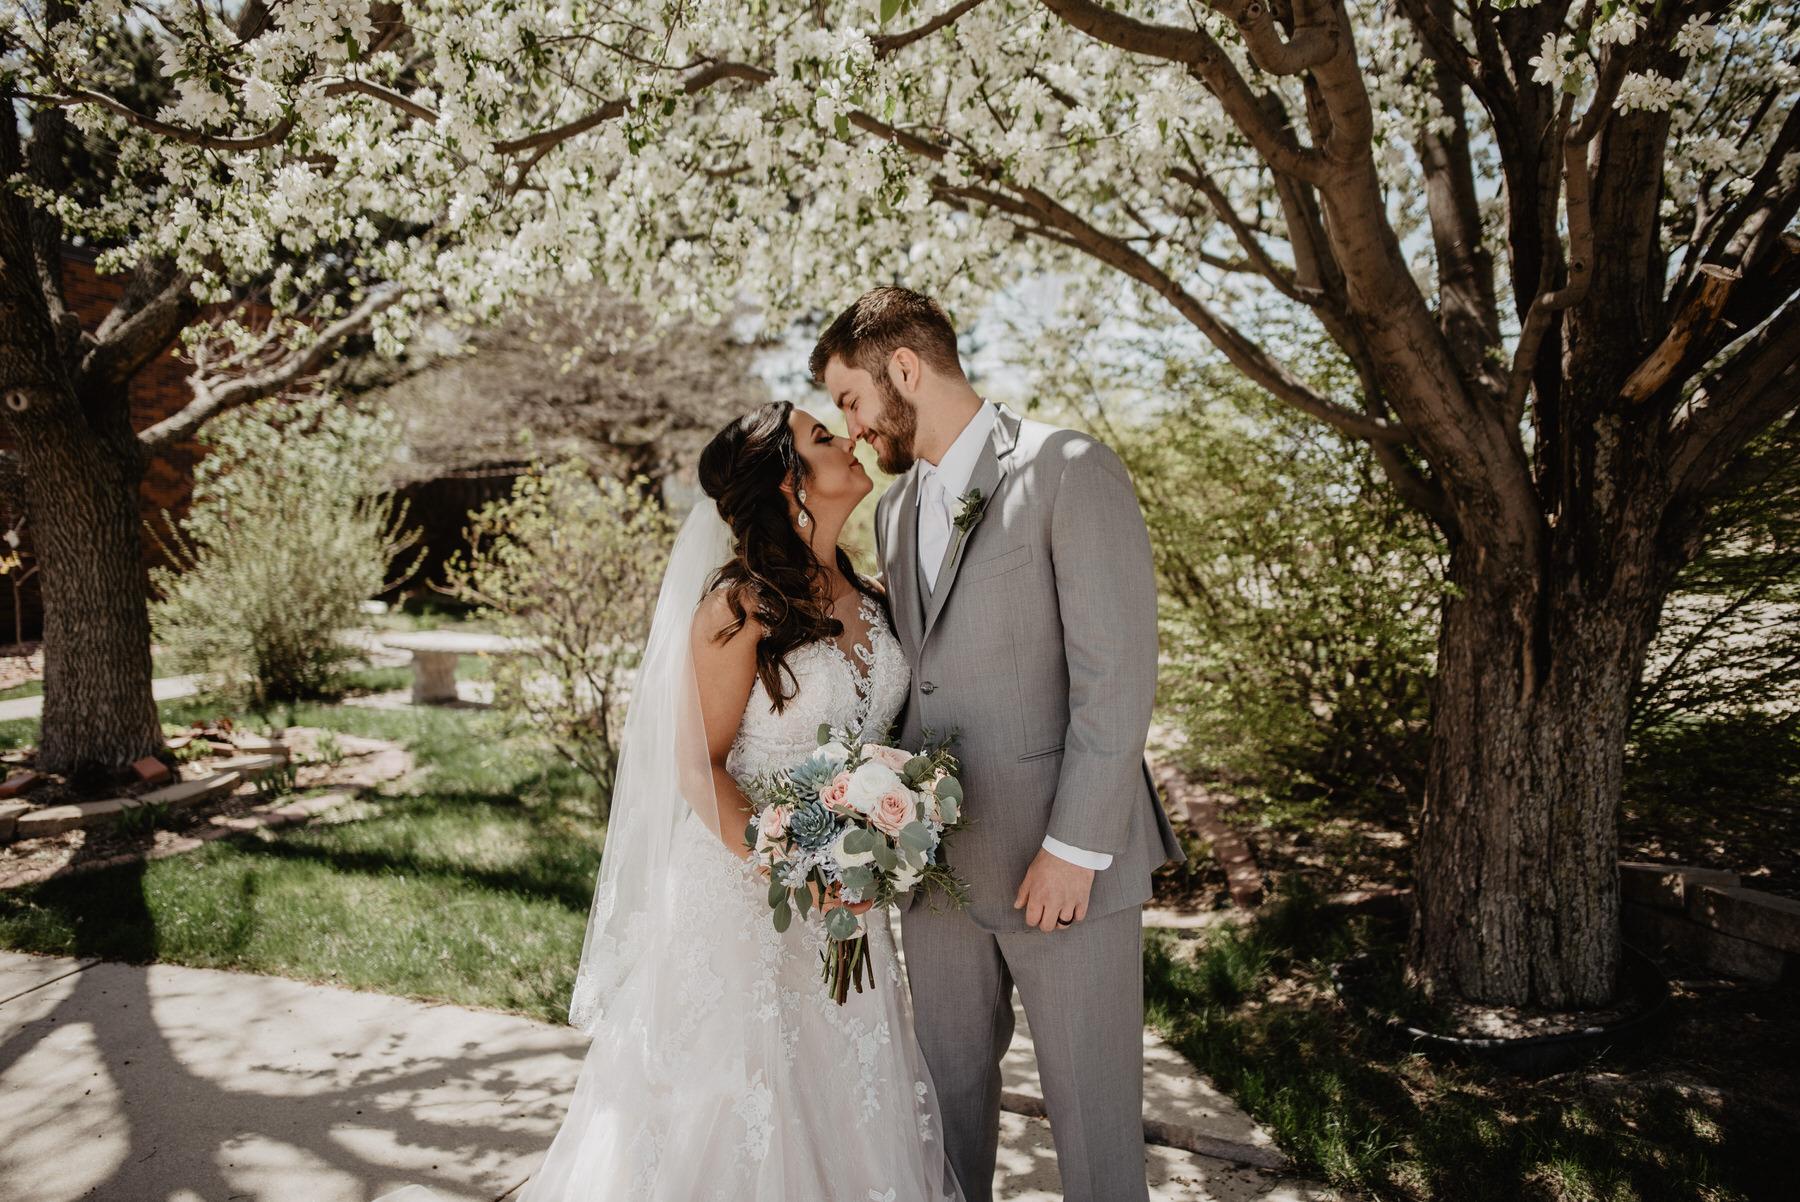 Kaylie-Sirek-Photography-Kearney-Nebraska-Wedding-042.jpg